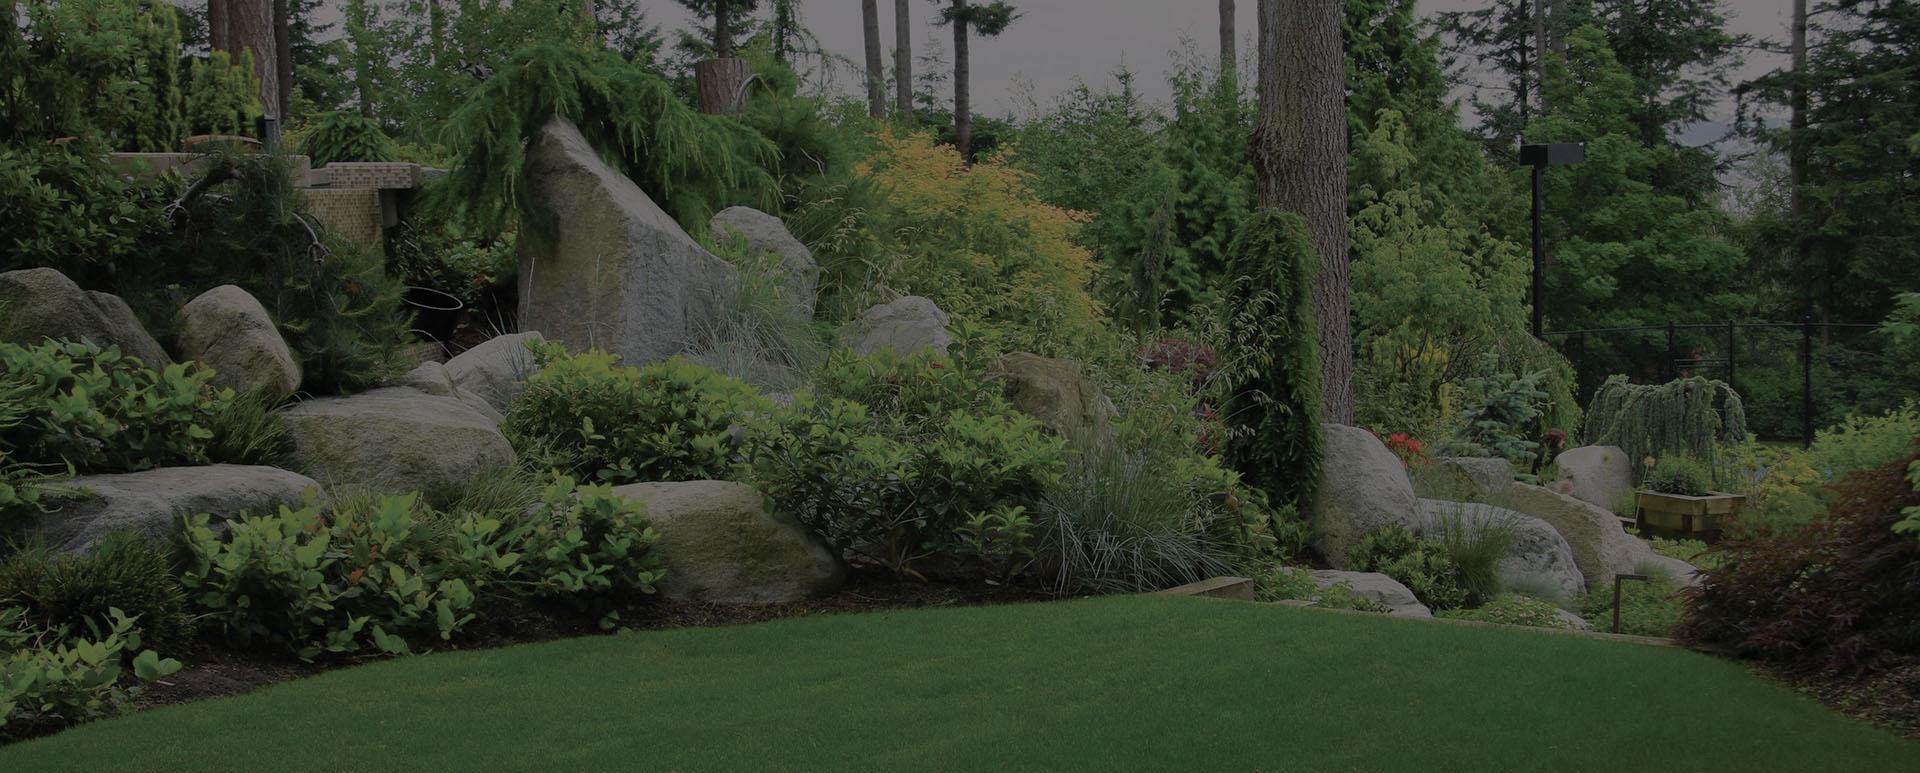 Rc parc et jardin cr ation et entretien d 39 espace vert for Entretien espace vert 78